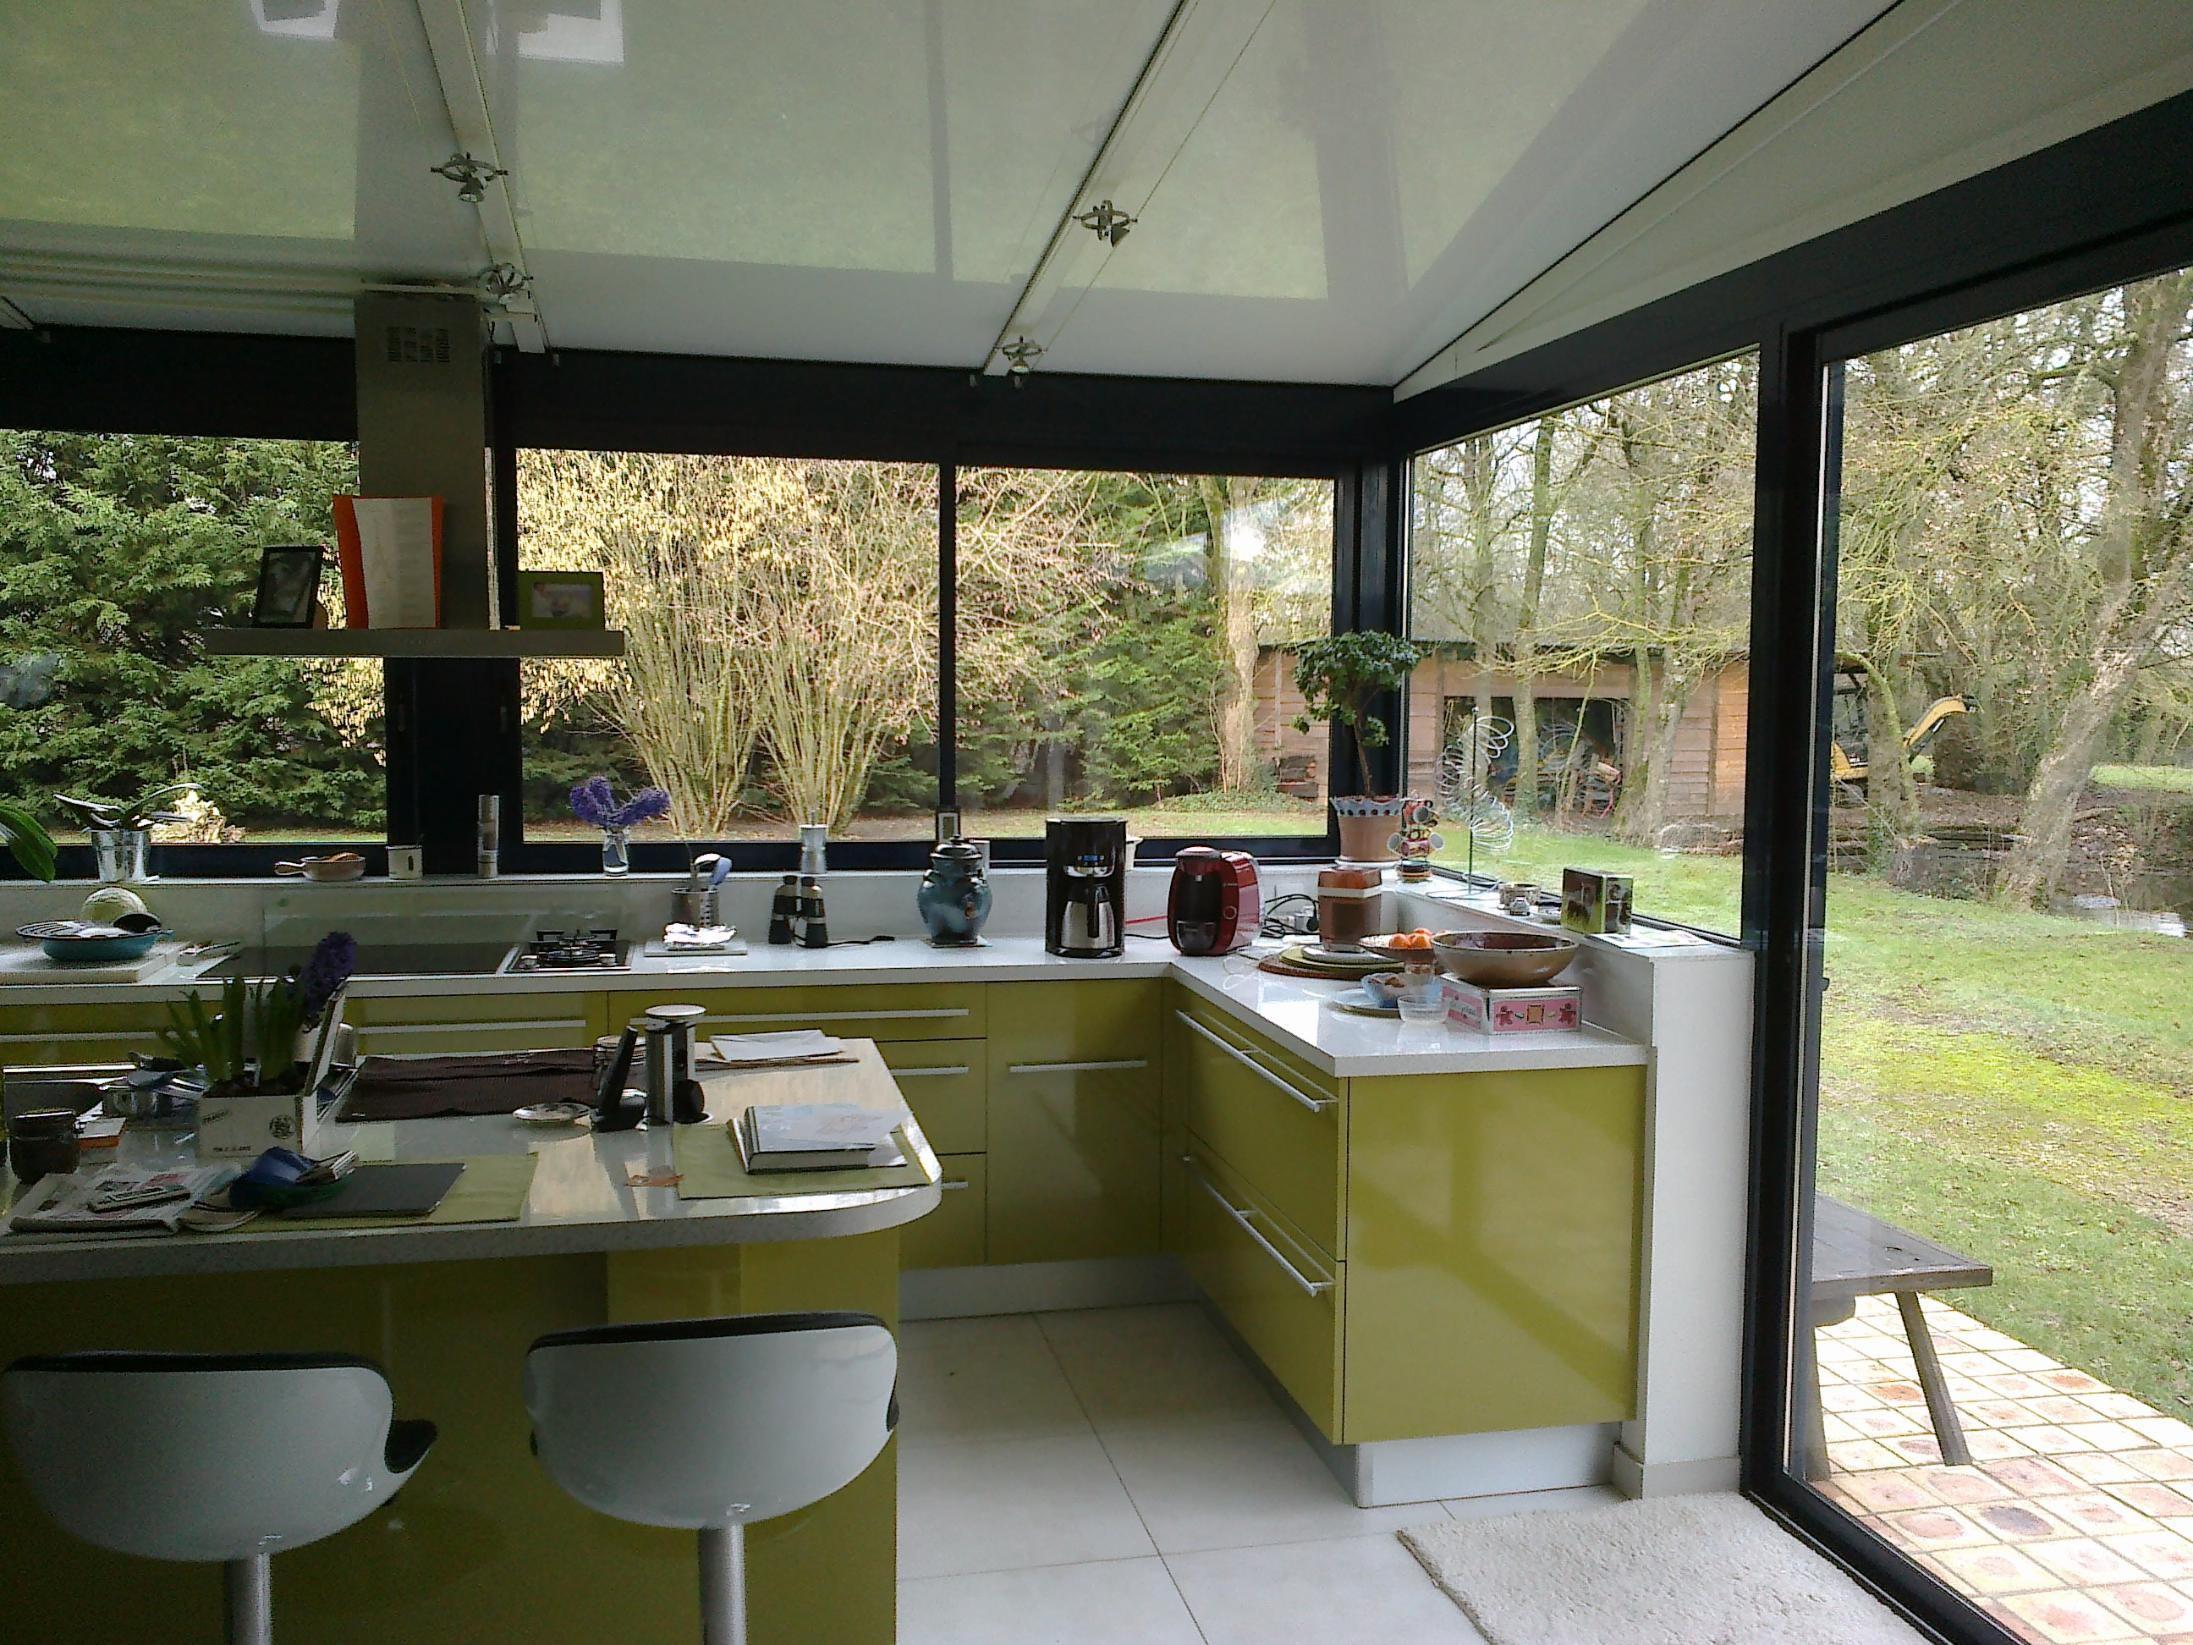 Cuisine Avec Baie Vitrée Meilleur De Photos Fabuleux Veranda En Bois Ouverte Décor  La Maison Et Intérieur